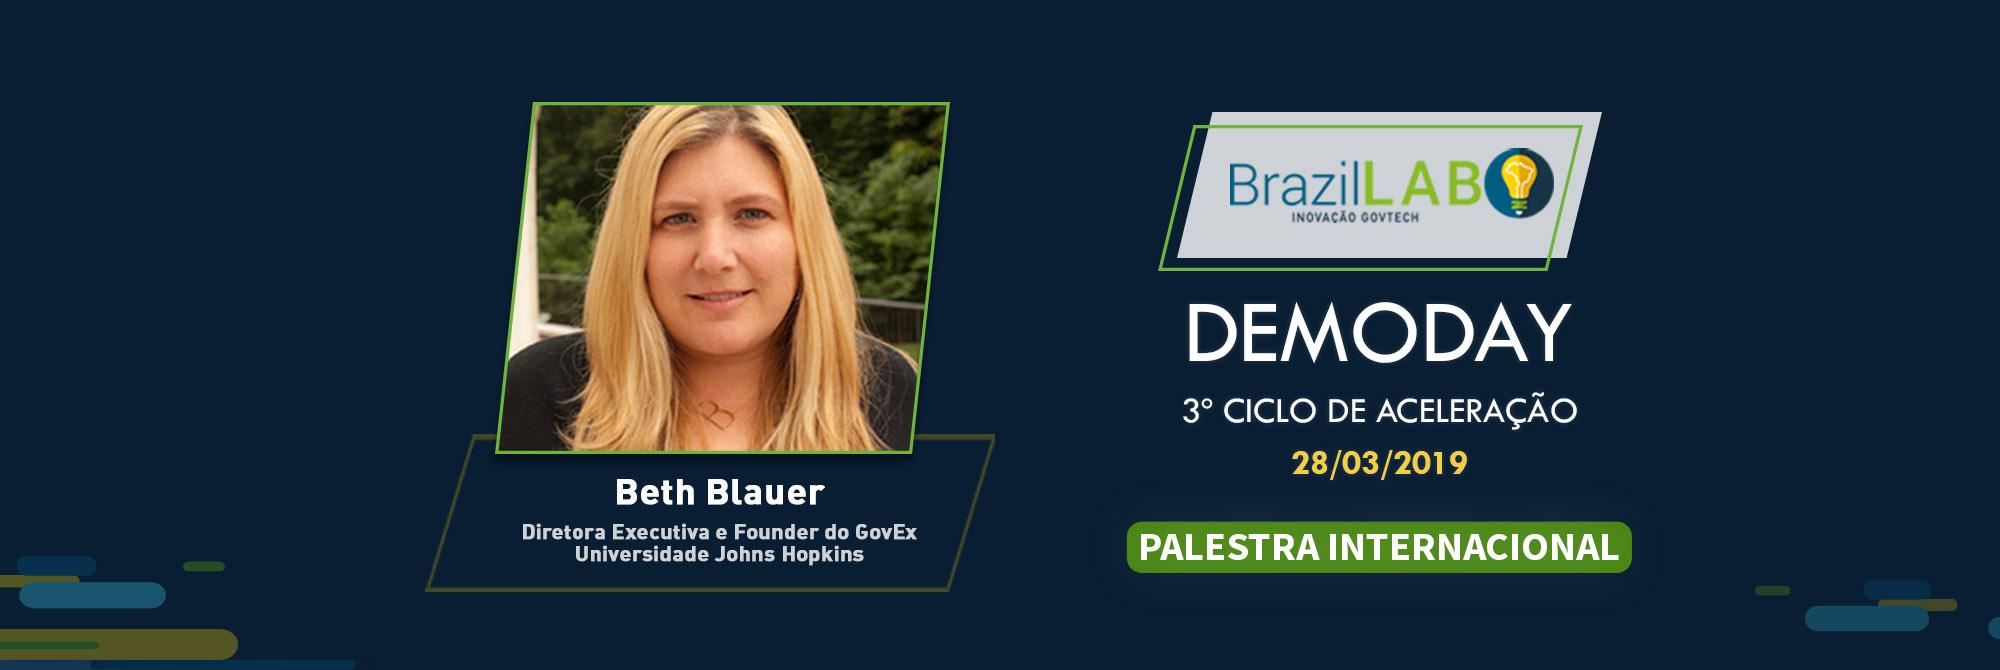 Demoday BrazilLAB: conheça as GovTechs que irão construir um Brasil mais digital